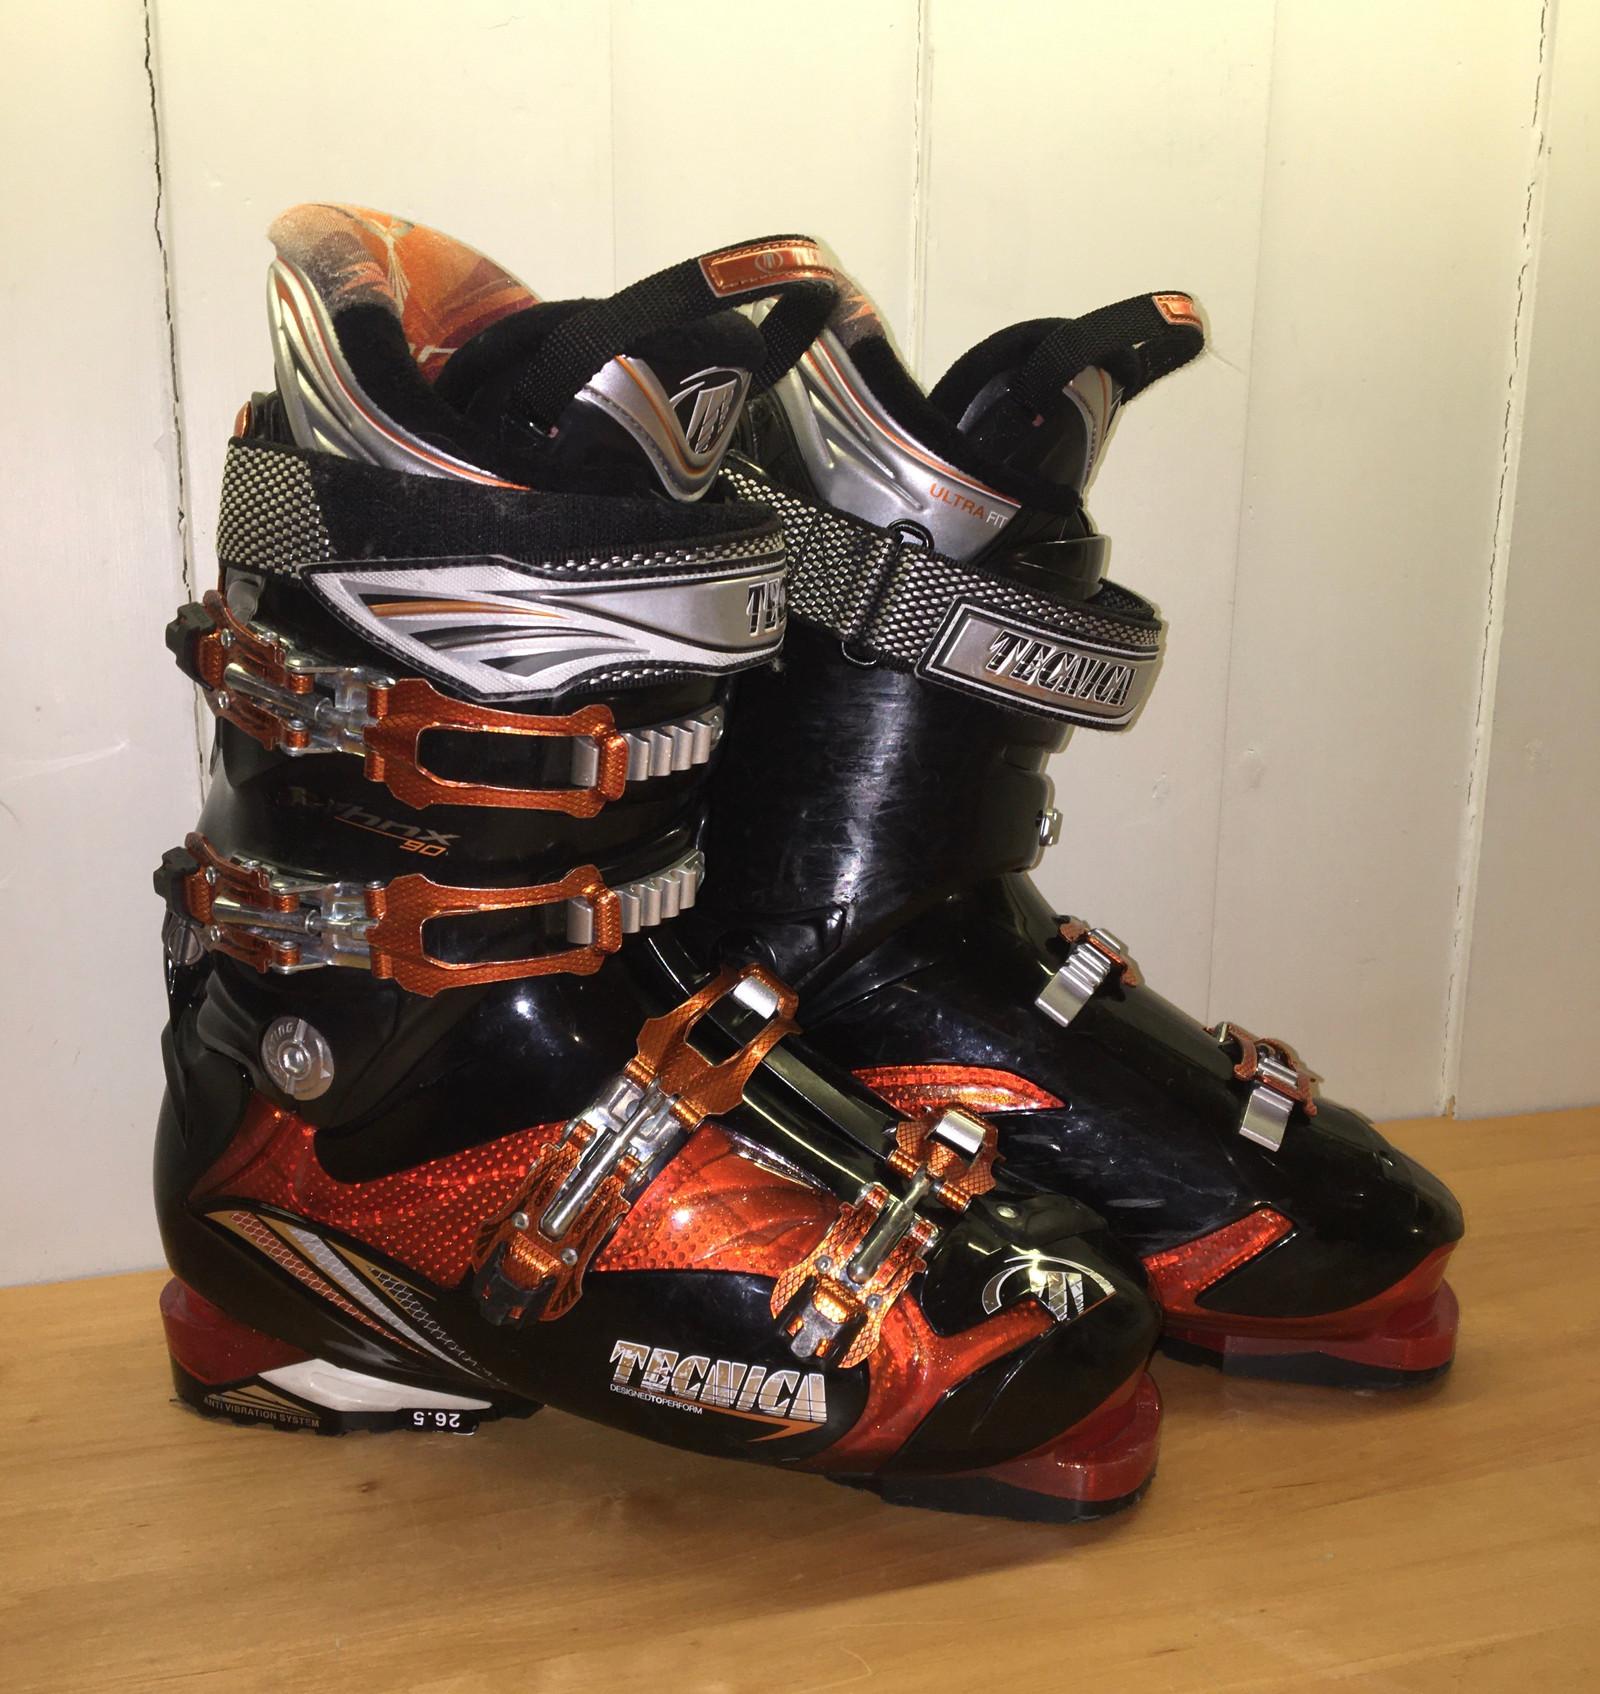 Slalomstøvler, Tecnica, menn str 26,5 | FINN.no